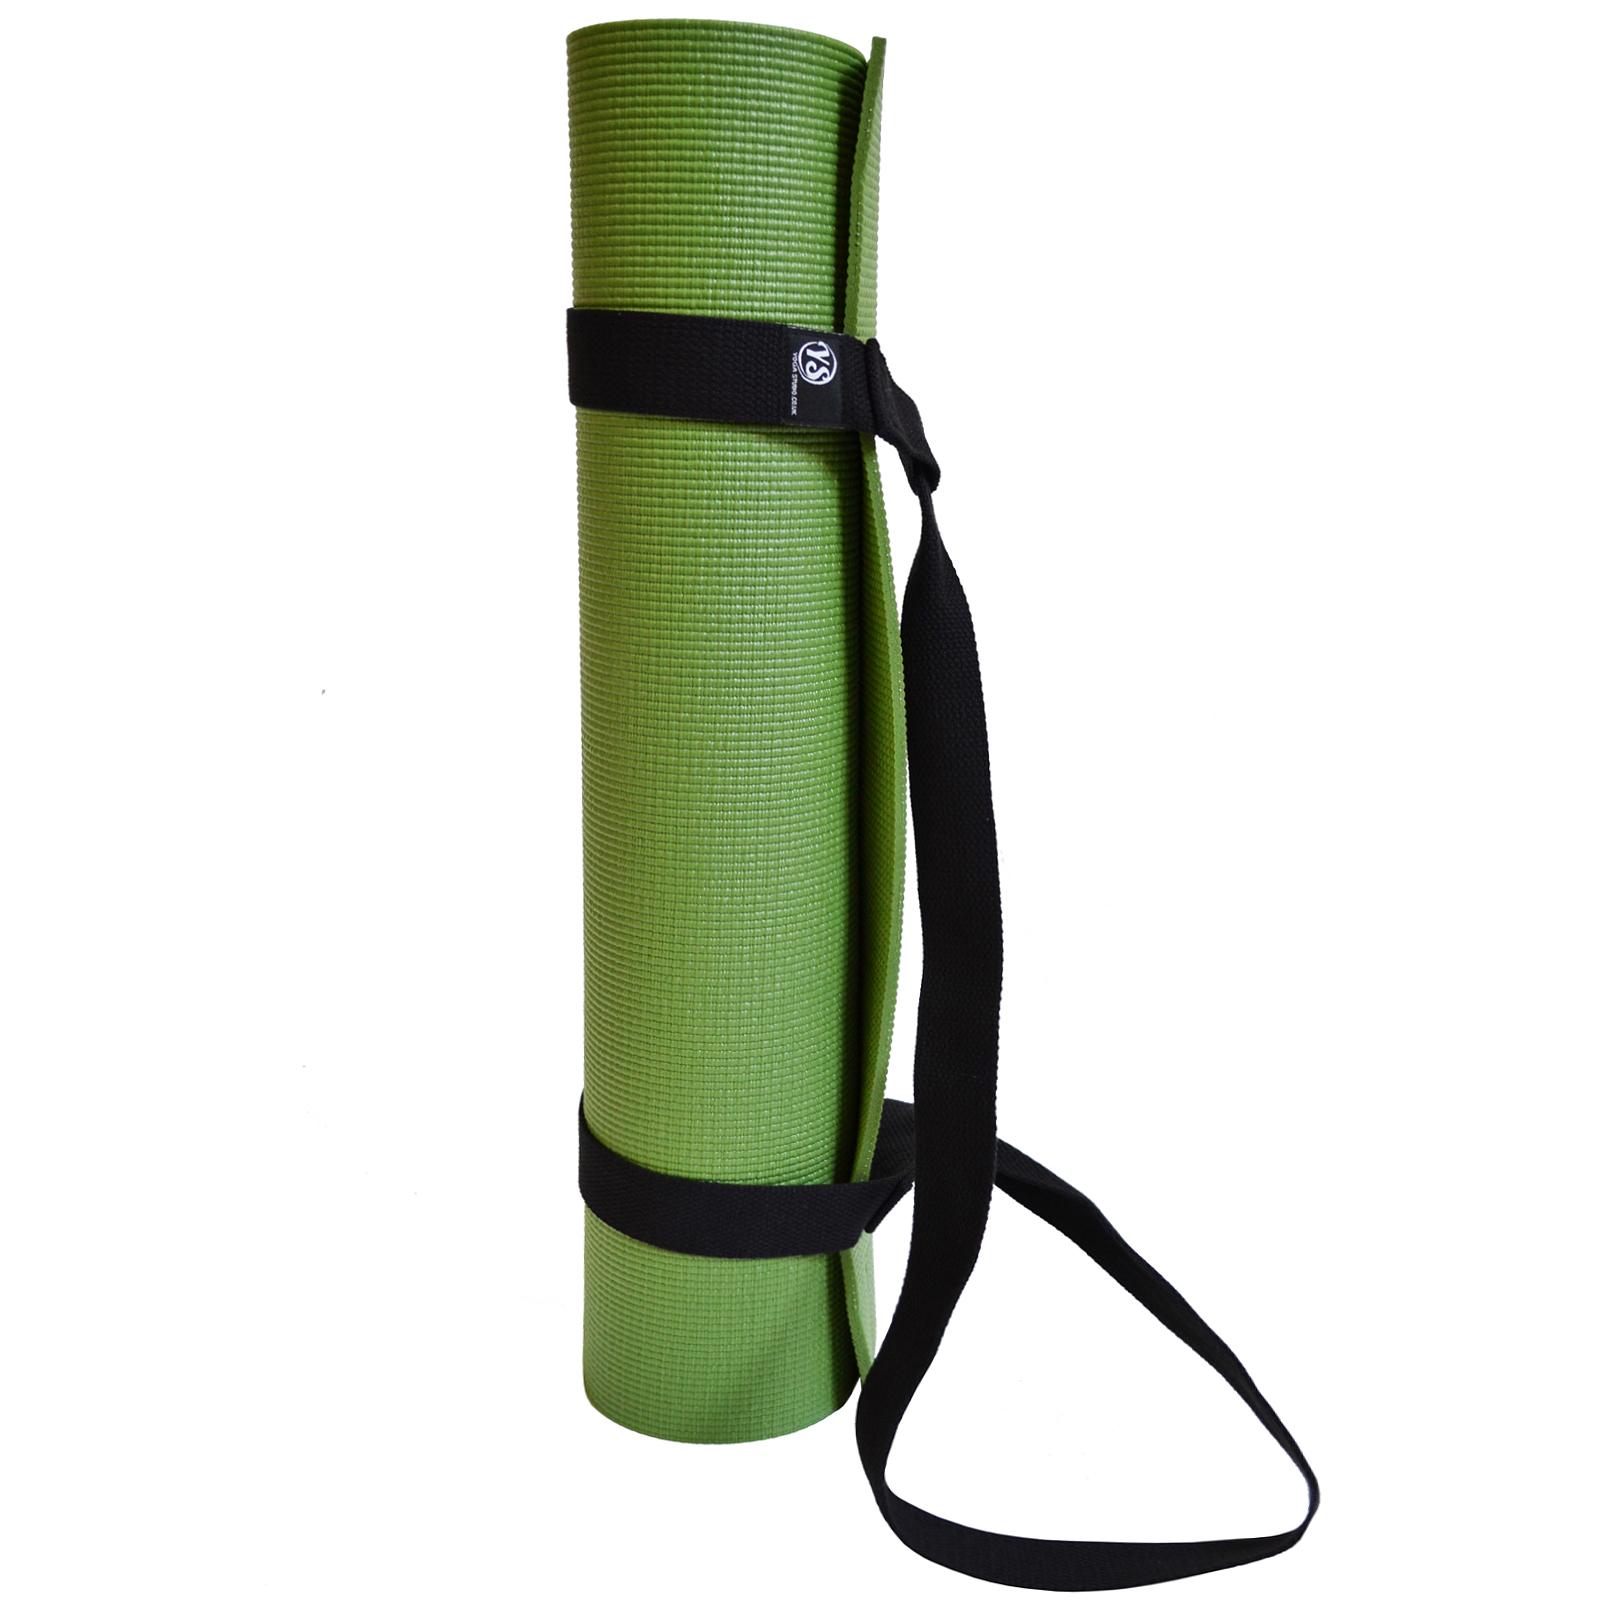 Yoga Studio Black Easy Adjustable Yoga Mat Sling Shoulder